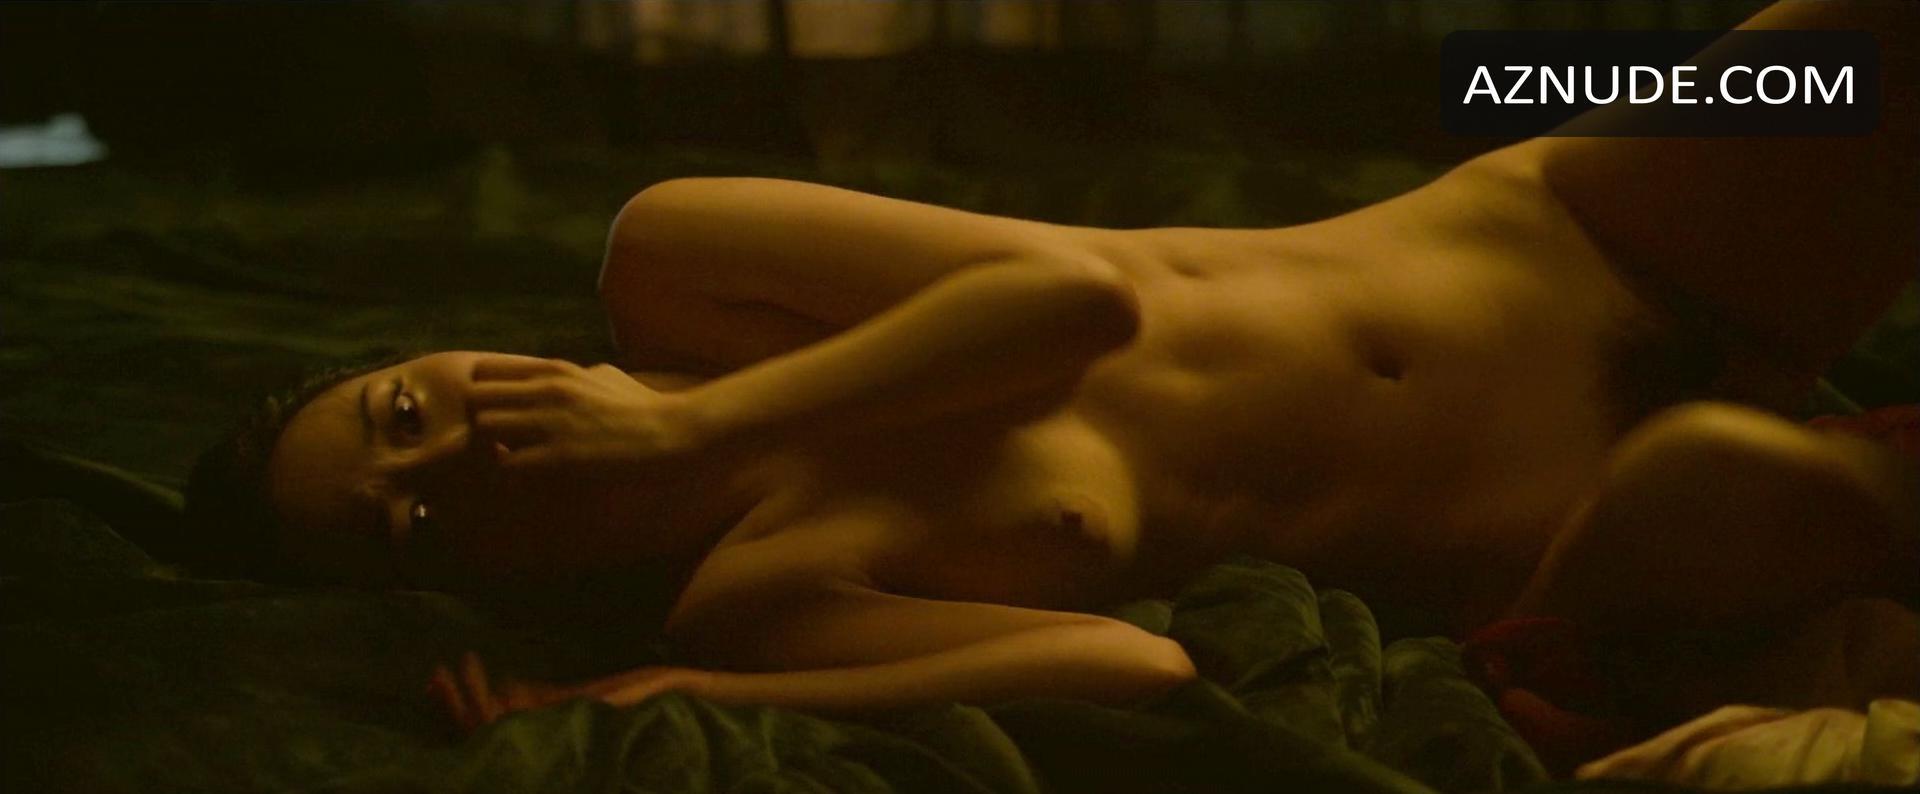 lim ji-yeon nude